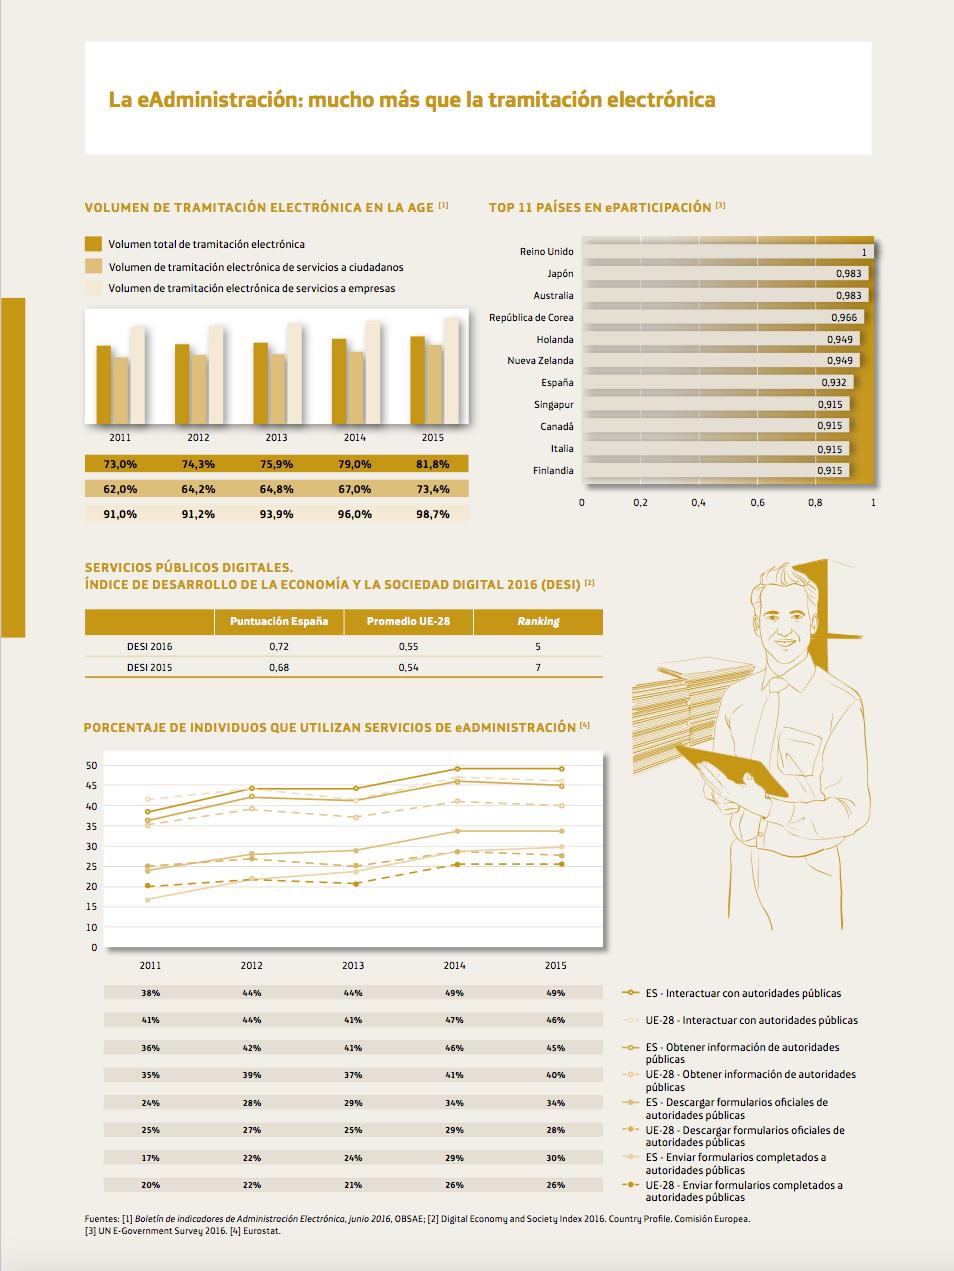 eAdministración en España #infografia #infographic